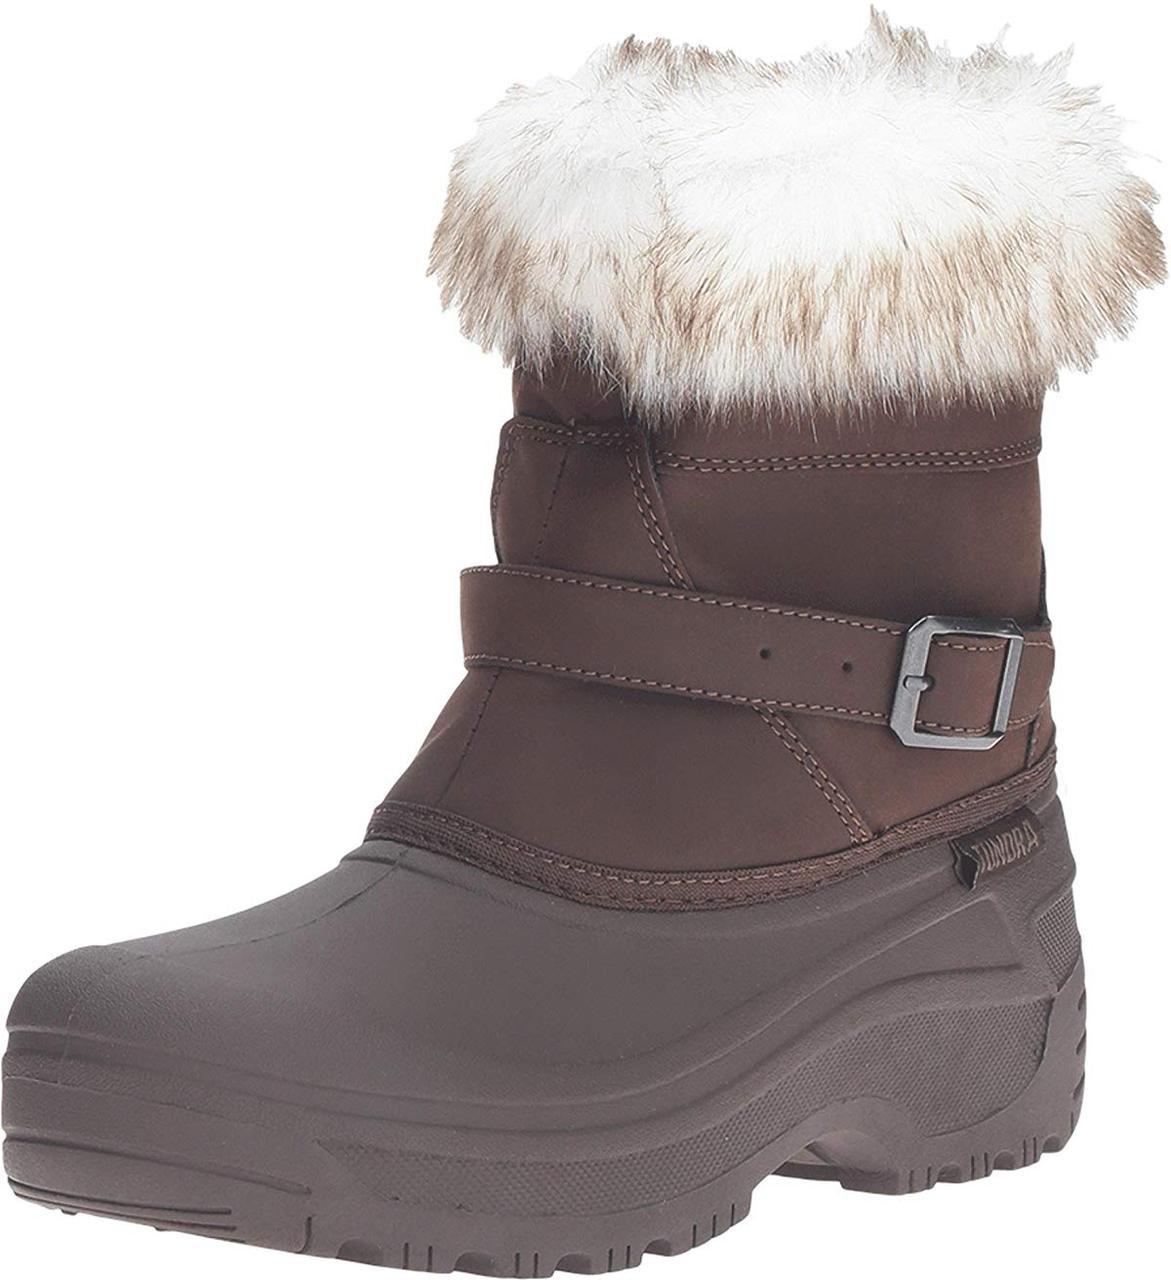 Ботинки Tundra Boots Sasy Brown - Оригинал, фото 1